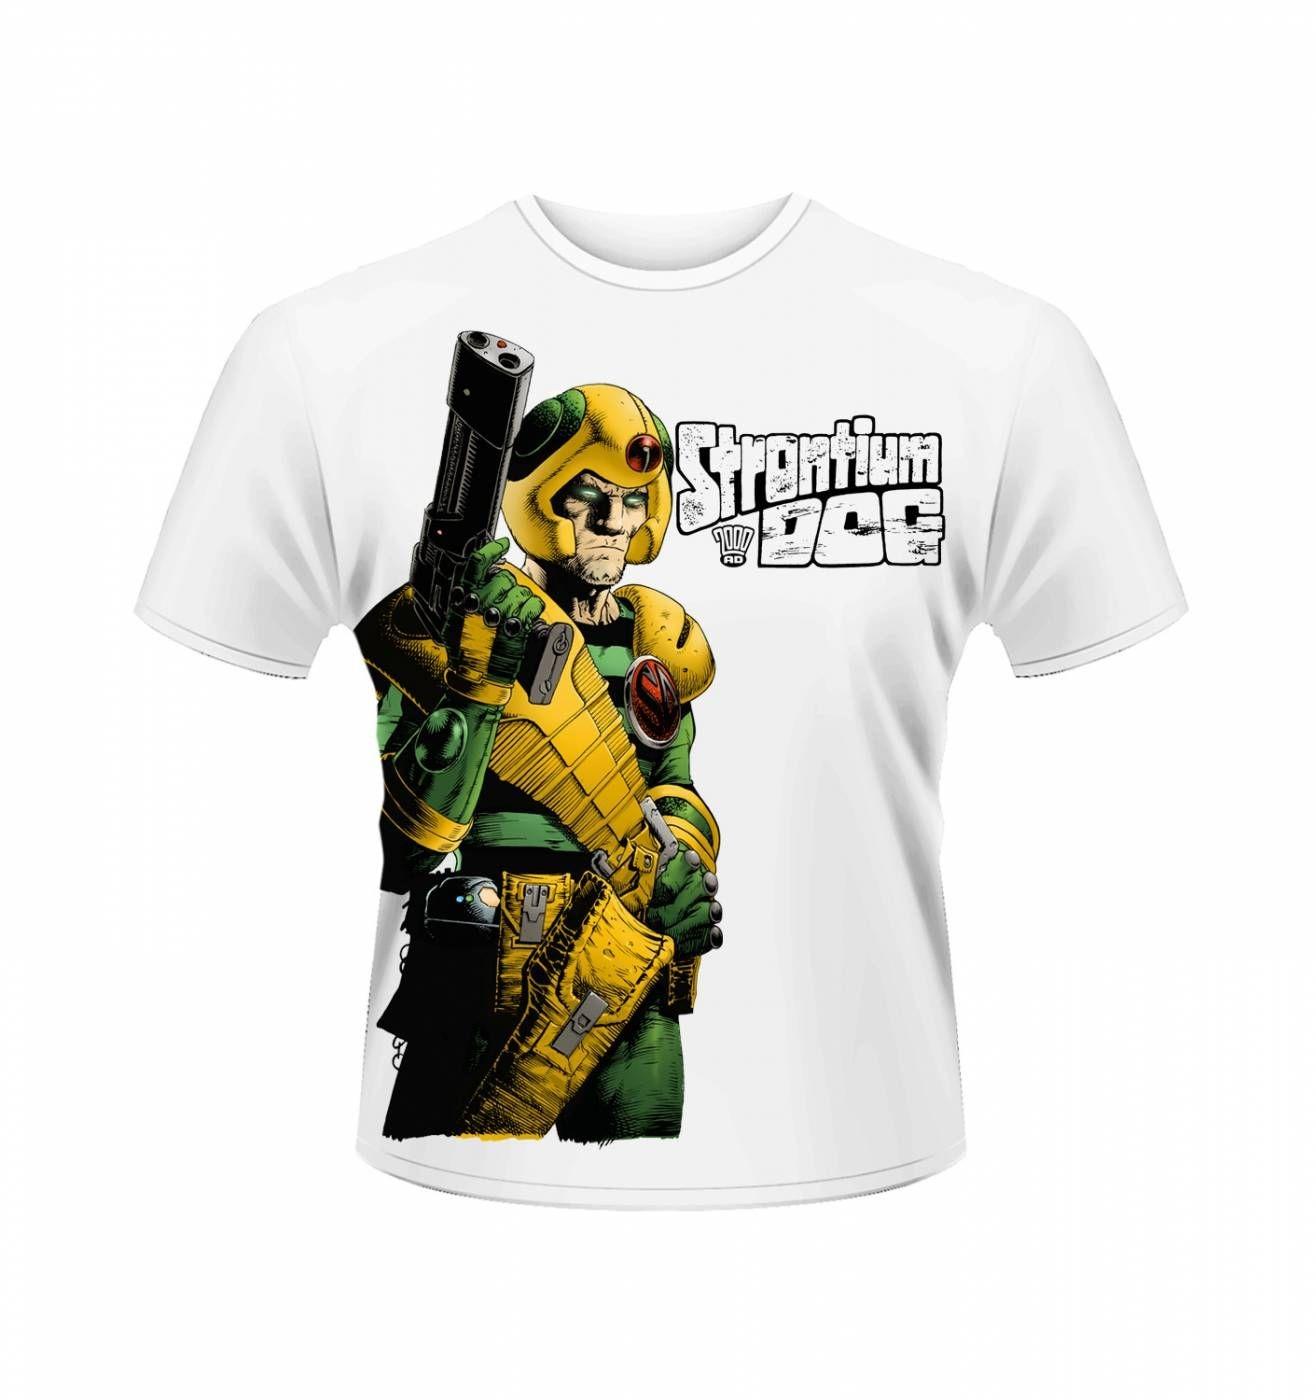 OFFICIAL 2000AD Strontium Dog Gun t-shirt